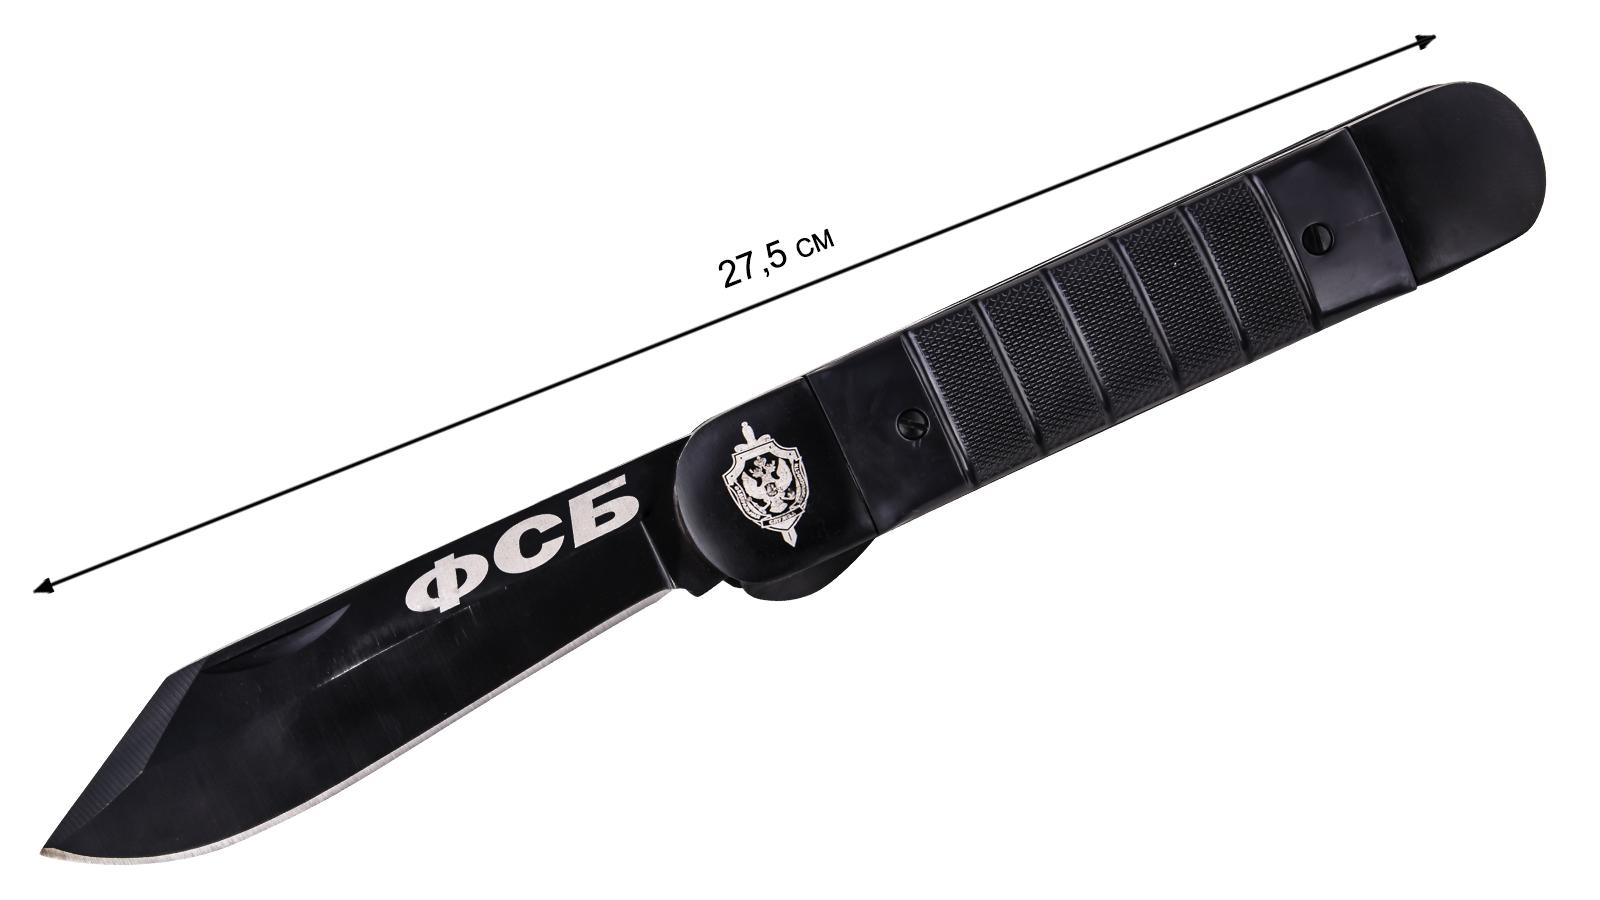 Складной нож с символикой ФСБ